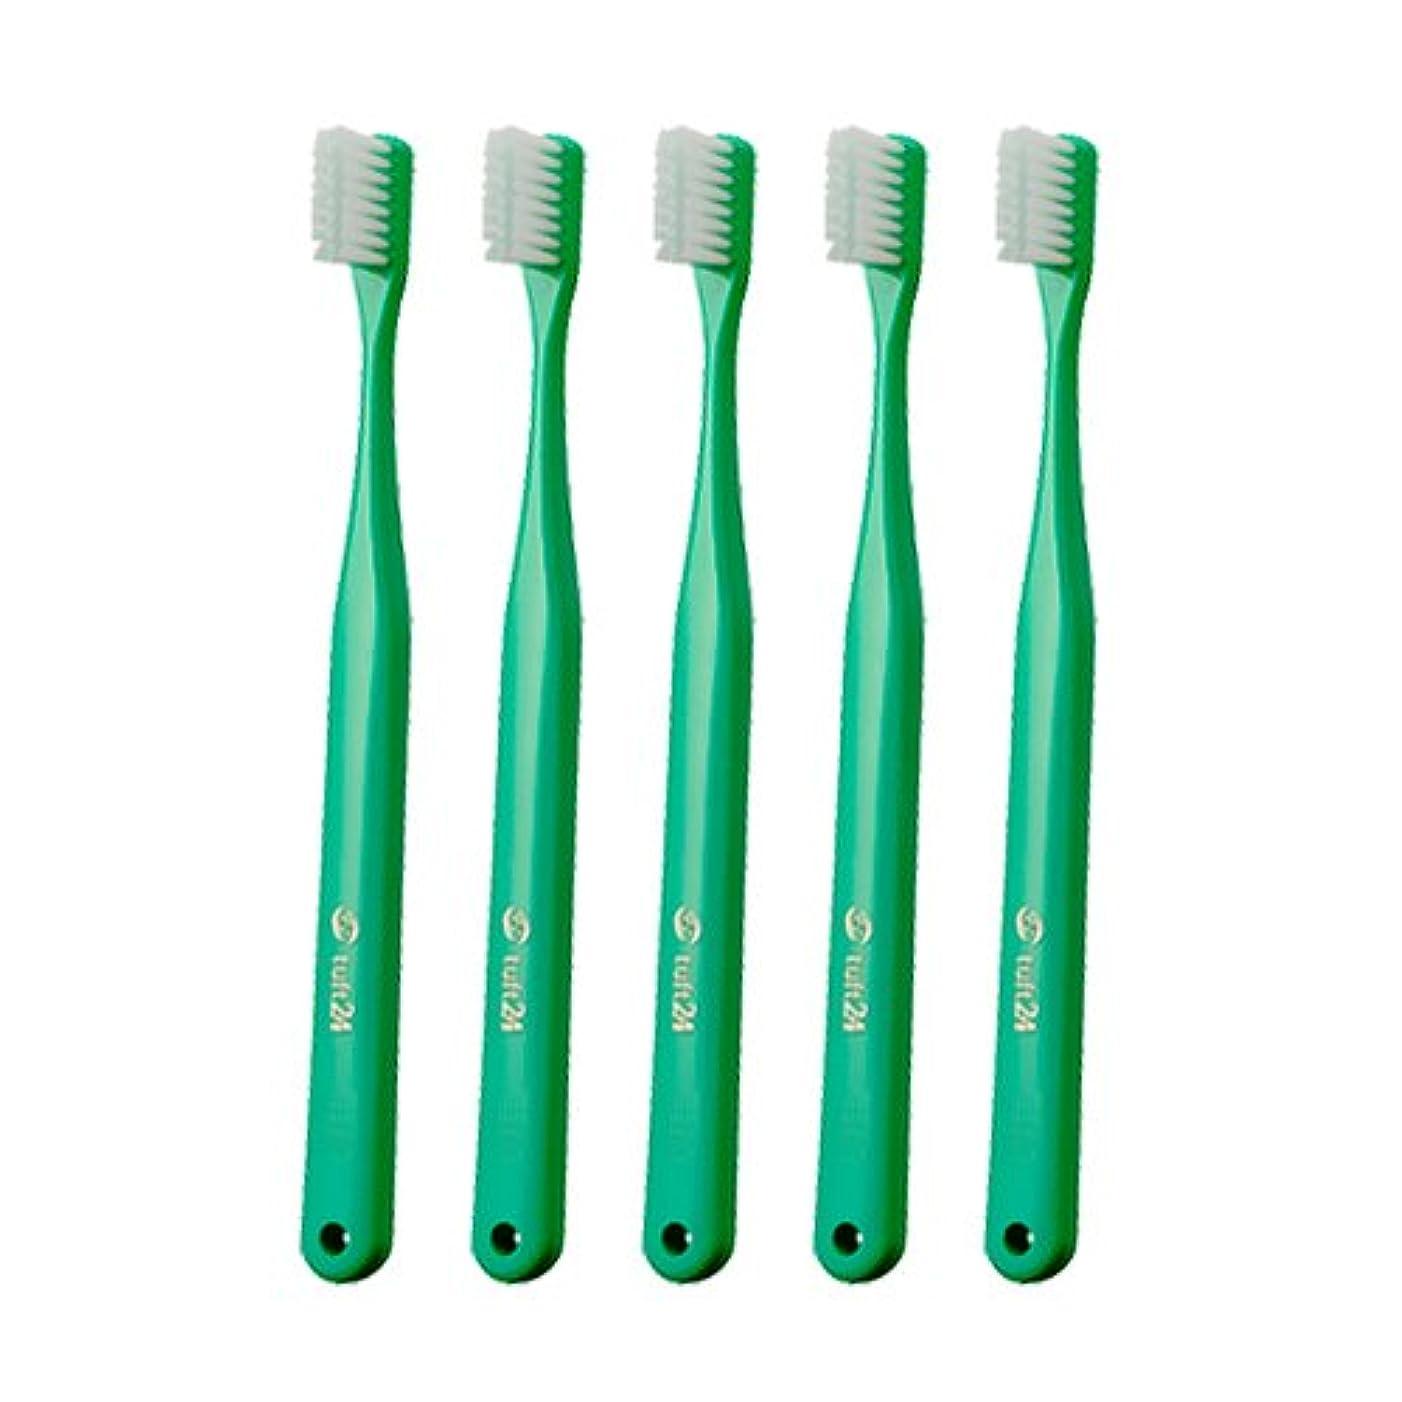 協力する全国衝撃タフト24 歯ブラシ MHキャップなし 25本入 グリーン